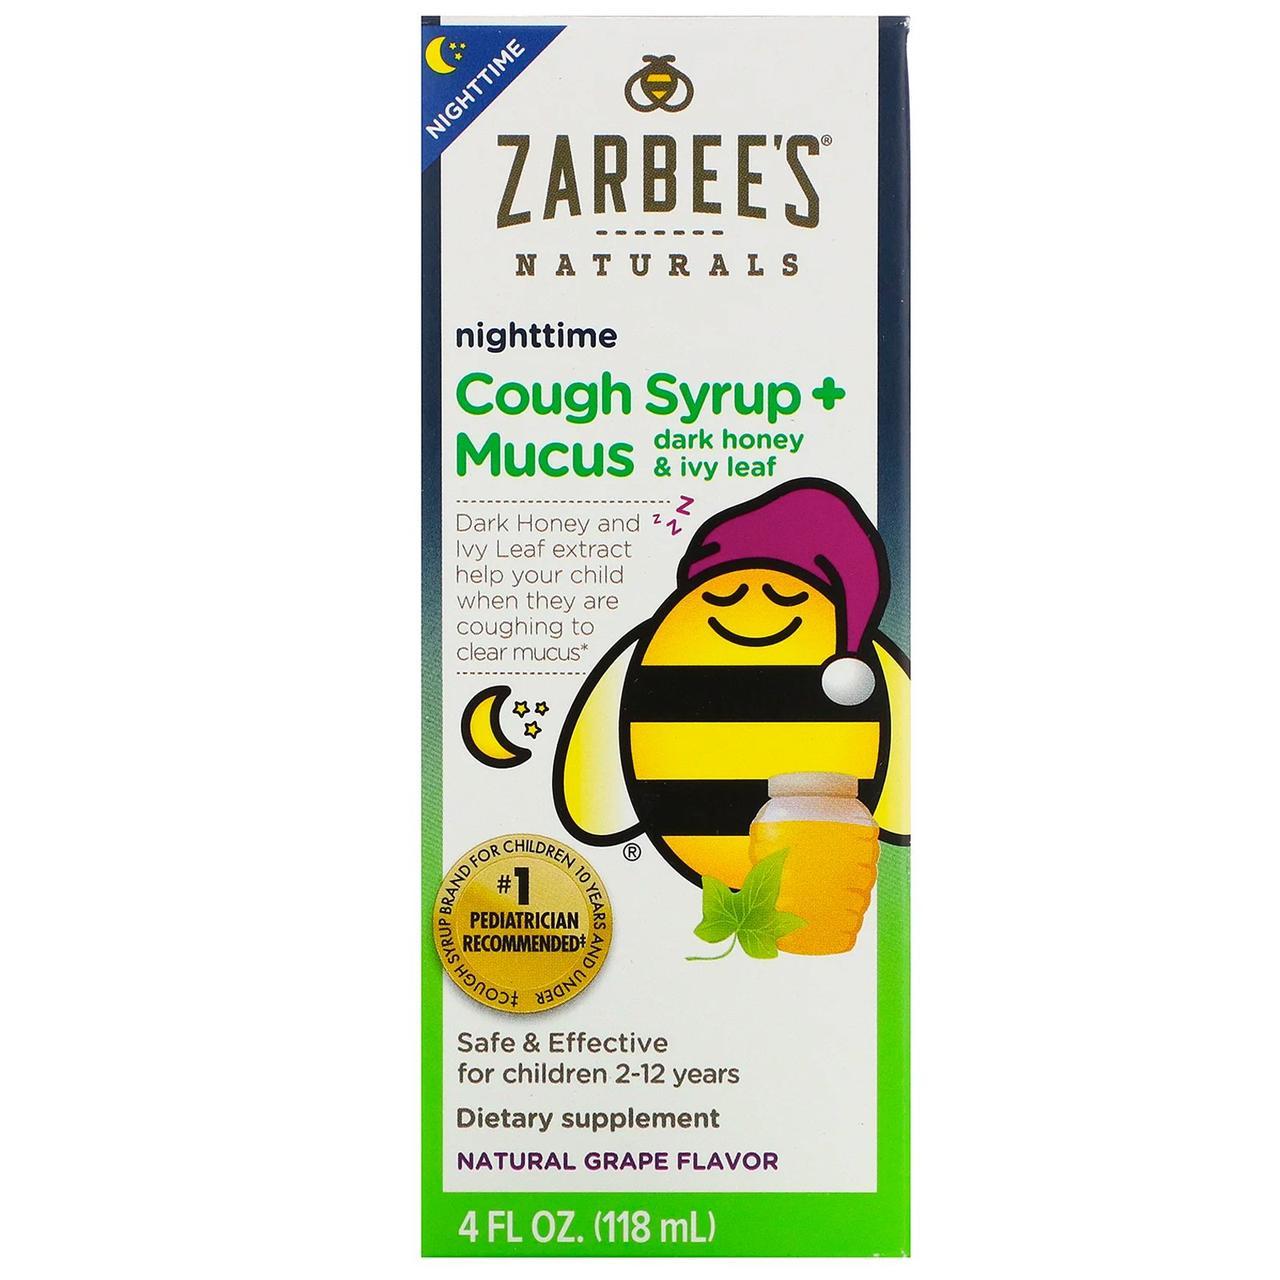 Ночной сироп от кашля плющ, 2-12 лет, натуральный виноградный ароматизатор (118 мл) Zarbee's